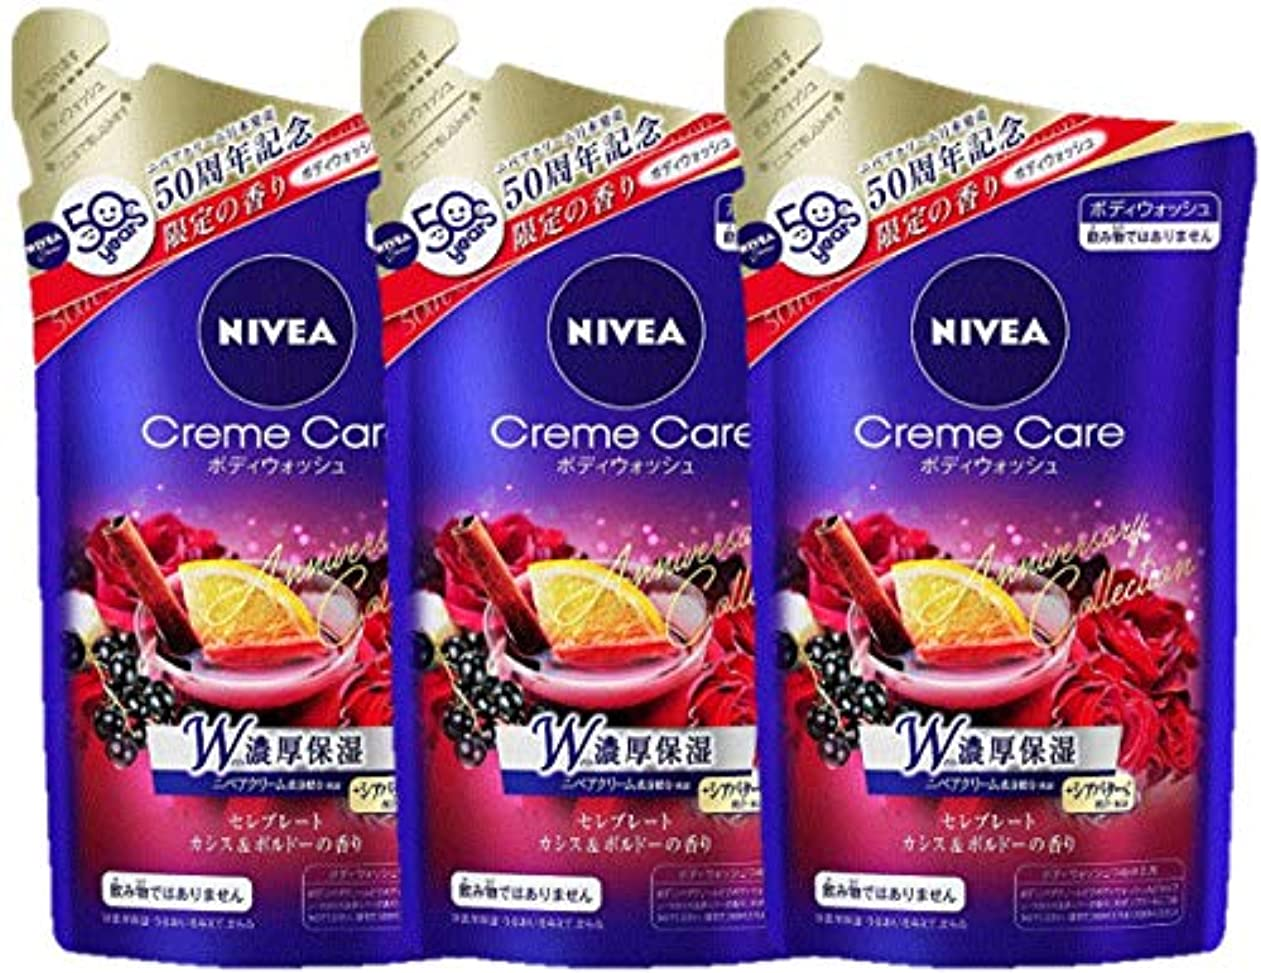 未満注ぎますサルベージ【まとめ買い】日本発売50周年記念 限定の香り ニベア クリームケア ボディウォッシュ セレブレート カシス&ボルドーの香り つめかえ用360ml×3個